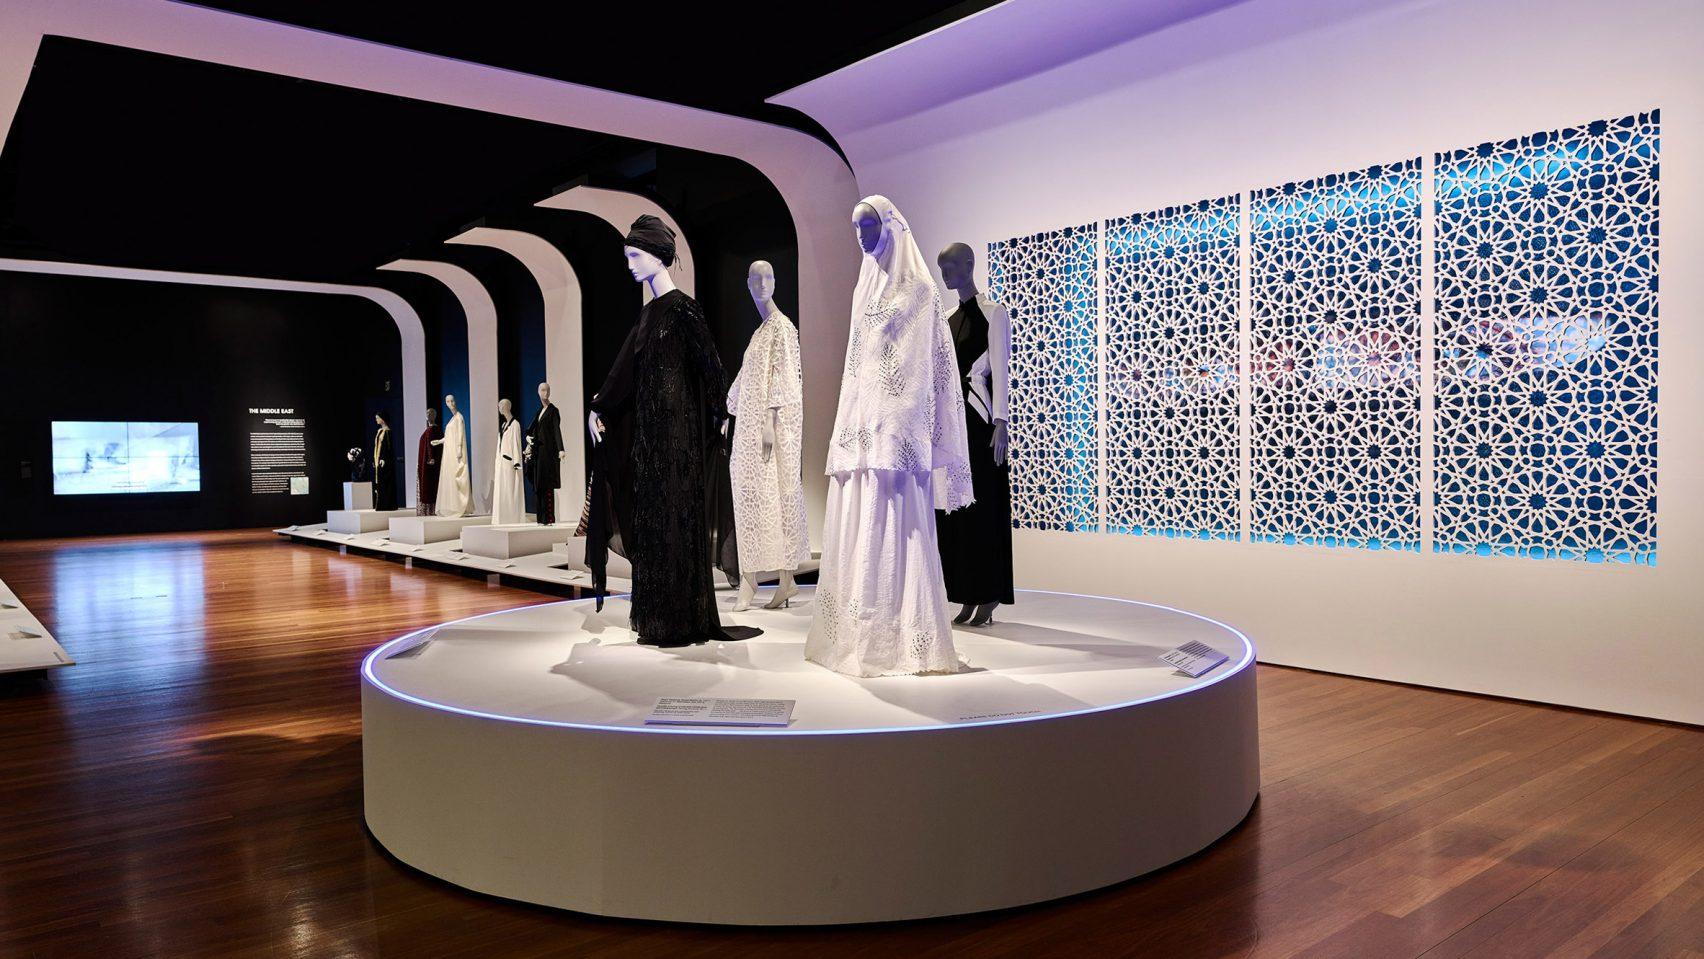 نمایشگاهی از آثار مد، فشن و طراحی لباس اسلامی، در موزه سانفرانسیسکو